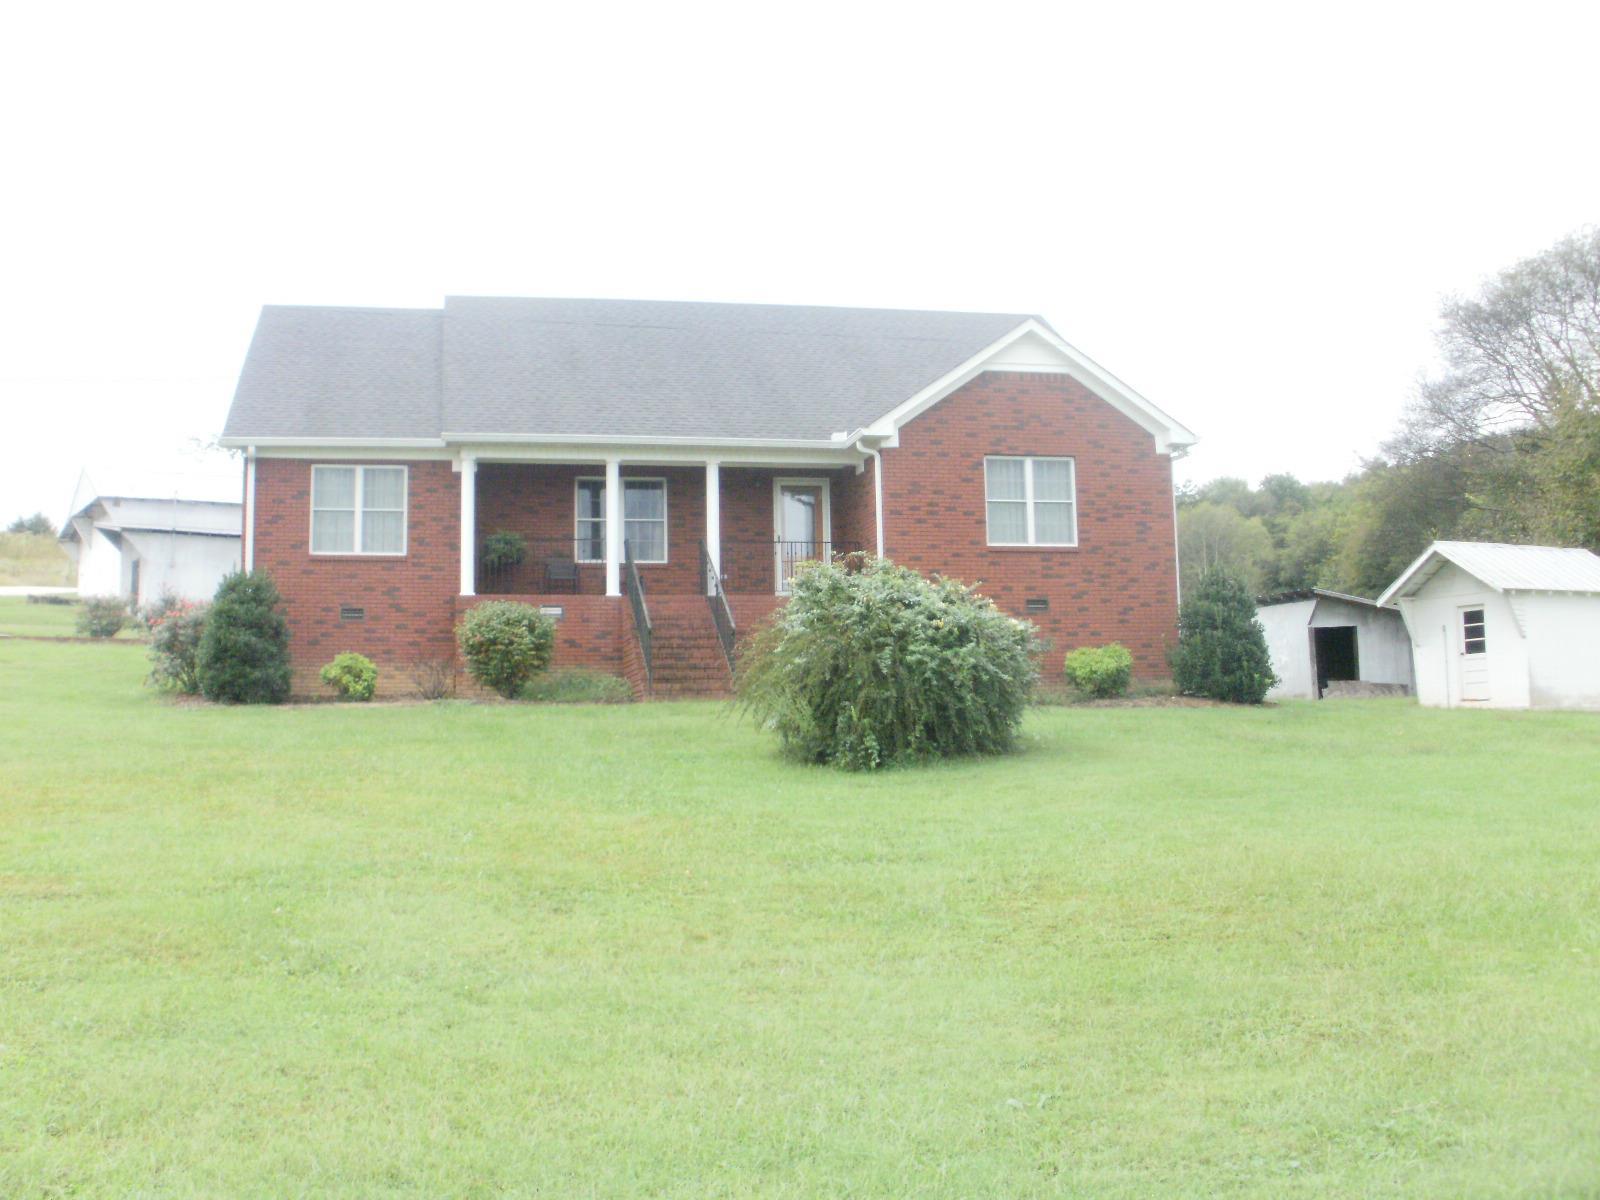 2701 Charity Rd Fayetteville, TN 37334